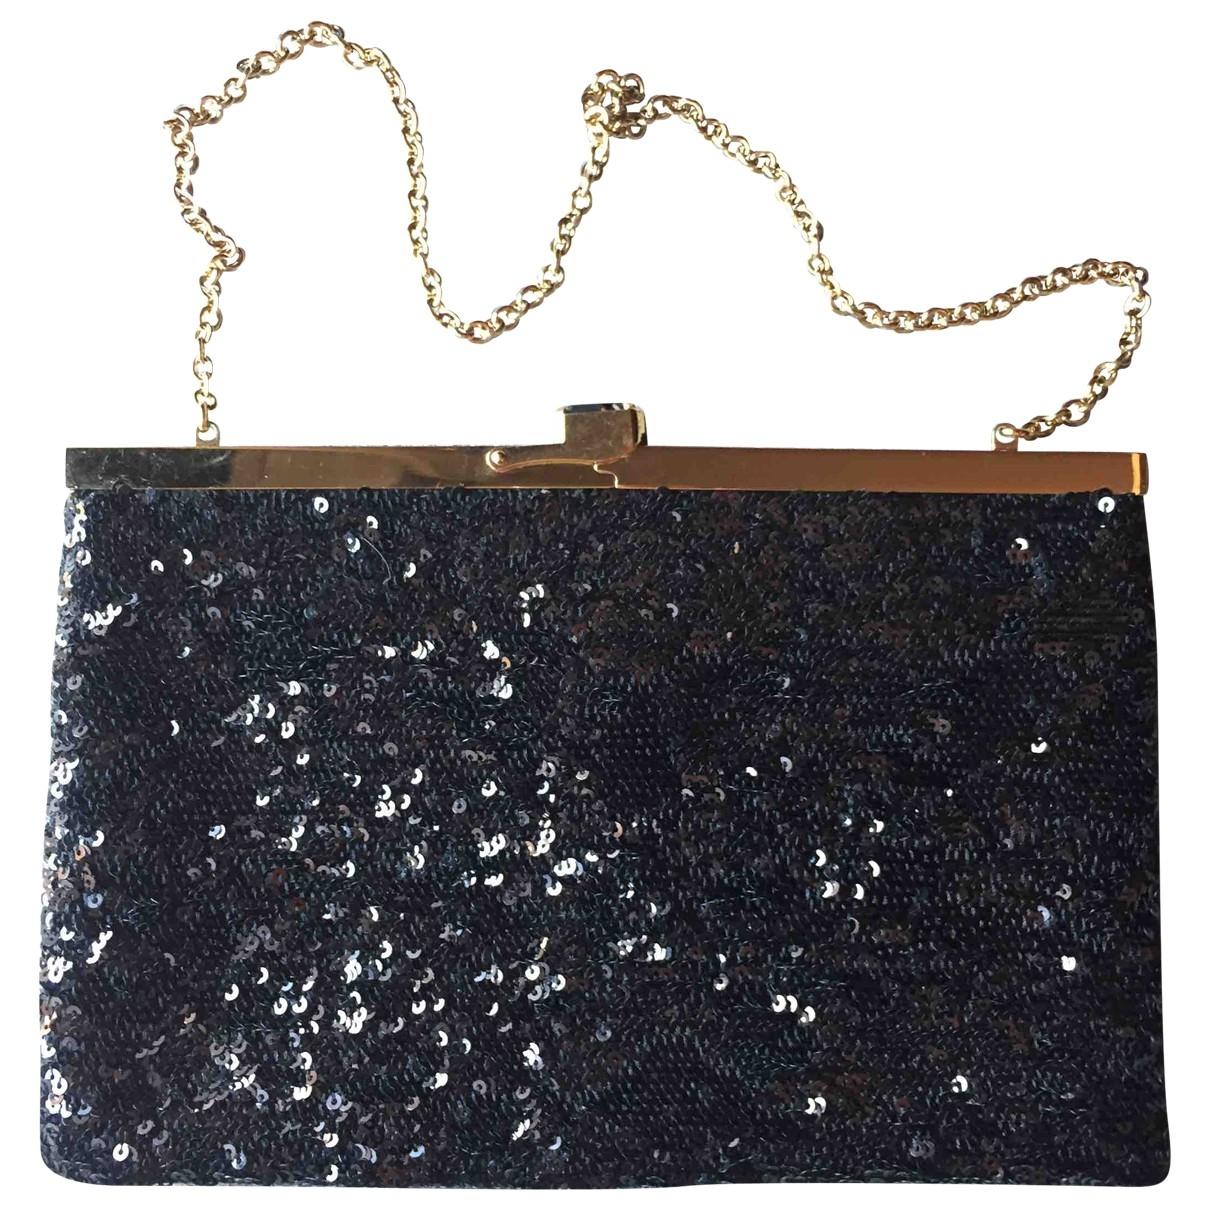 Dolce & Gabbana \N Black Glitter Clutch bag for Women \N